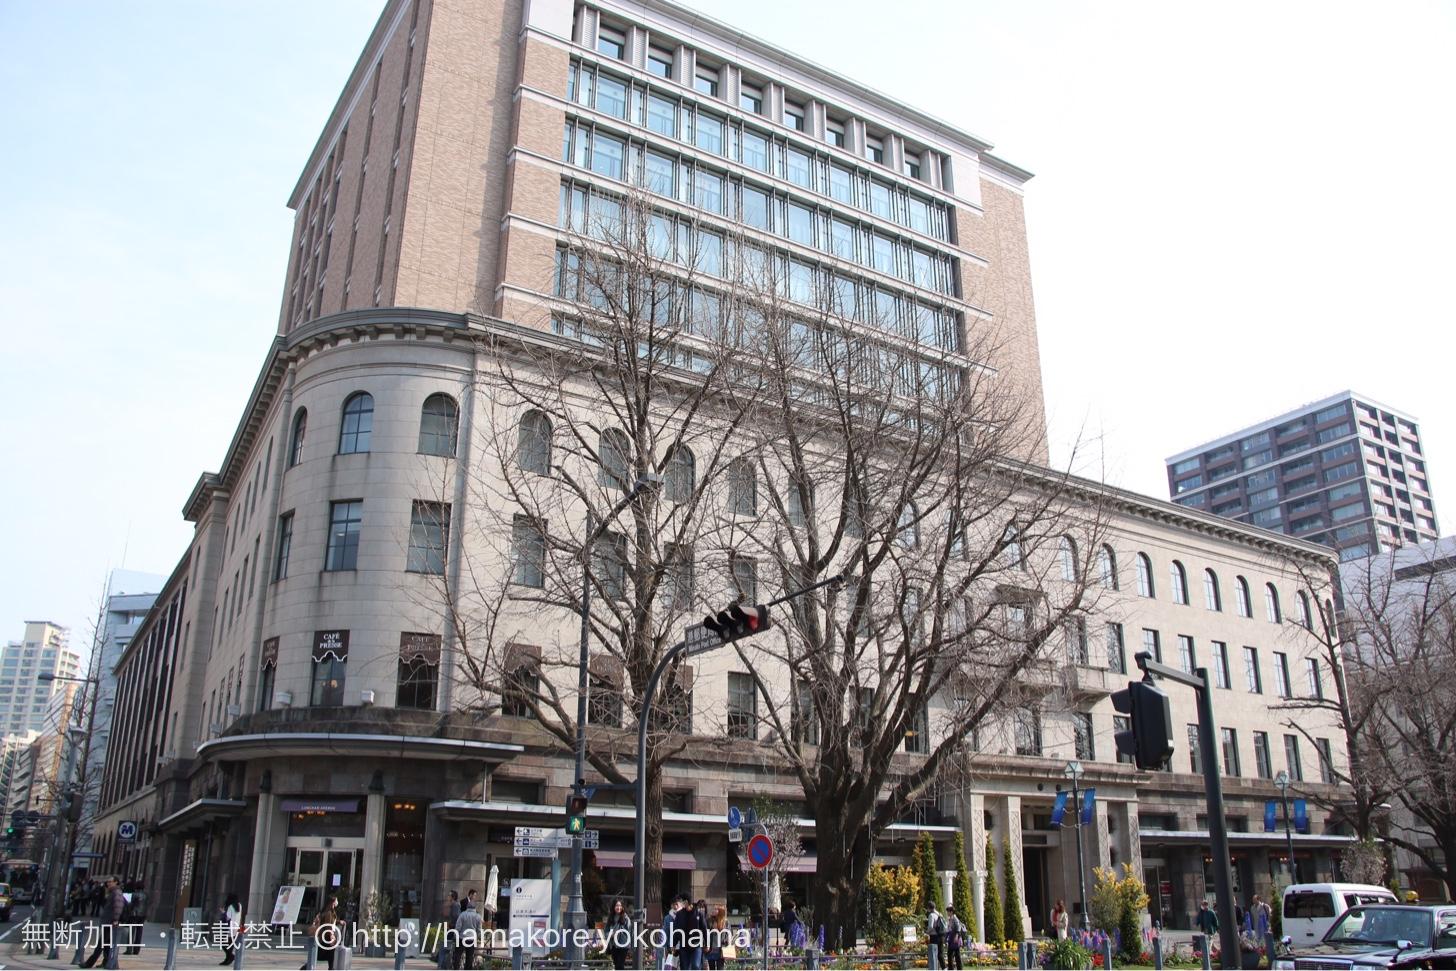 横浜のカフェ「カフェドゥラプレス」は古い街並み観光とセットの利用が良かった!